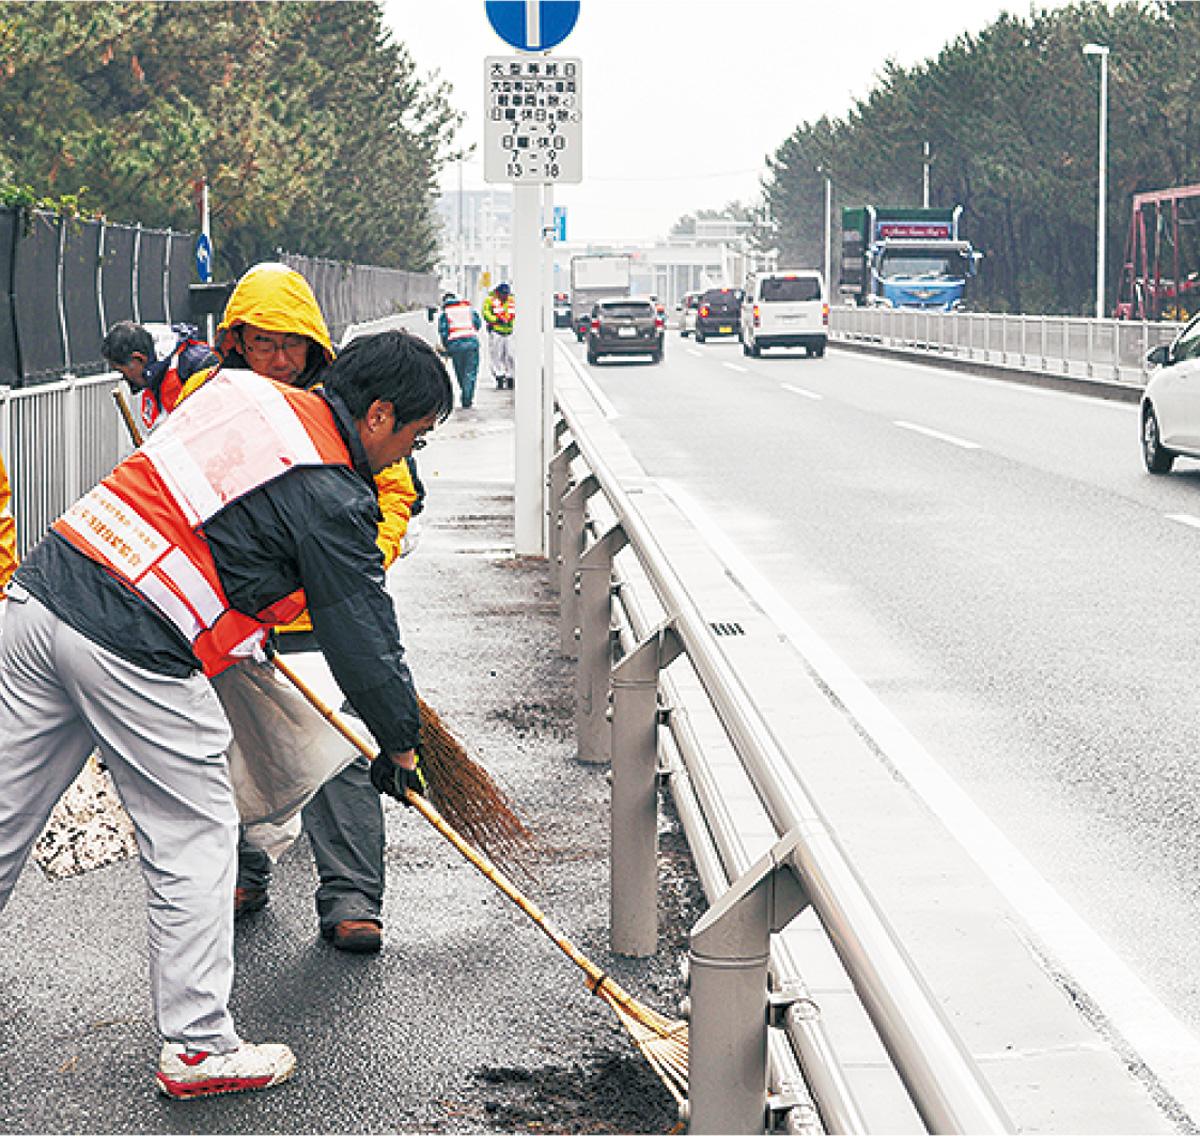 箱根駅伝のコース建設業有志が清掃